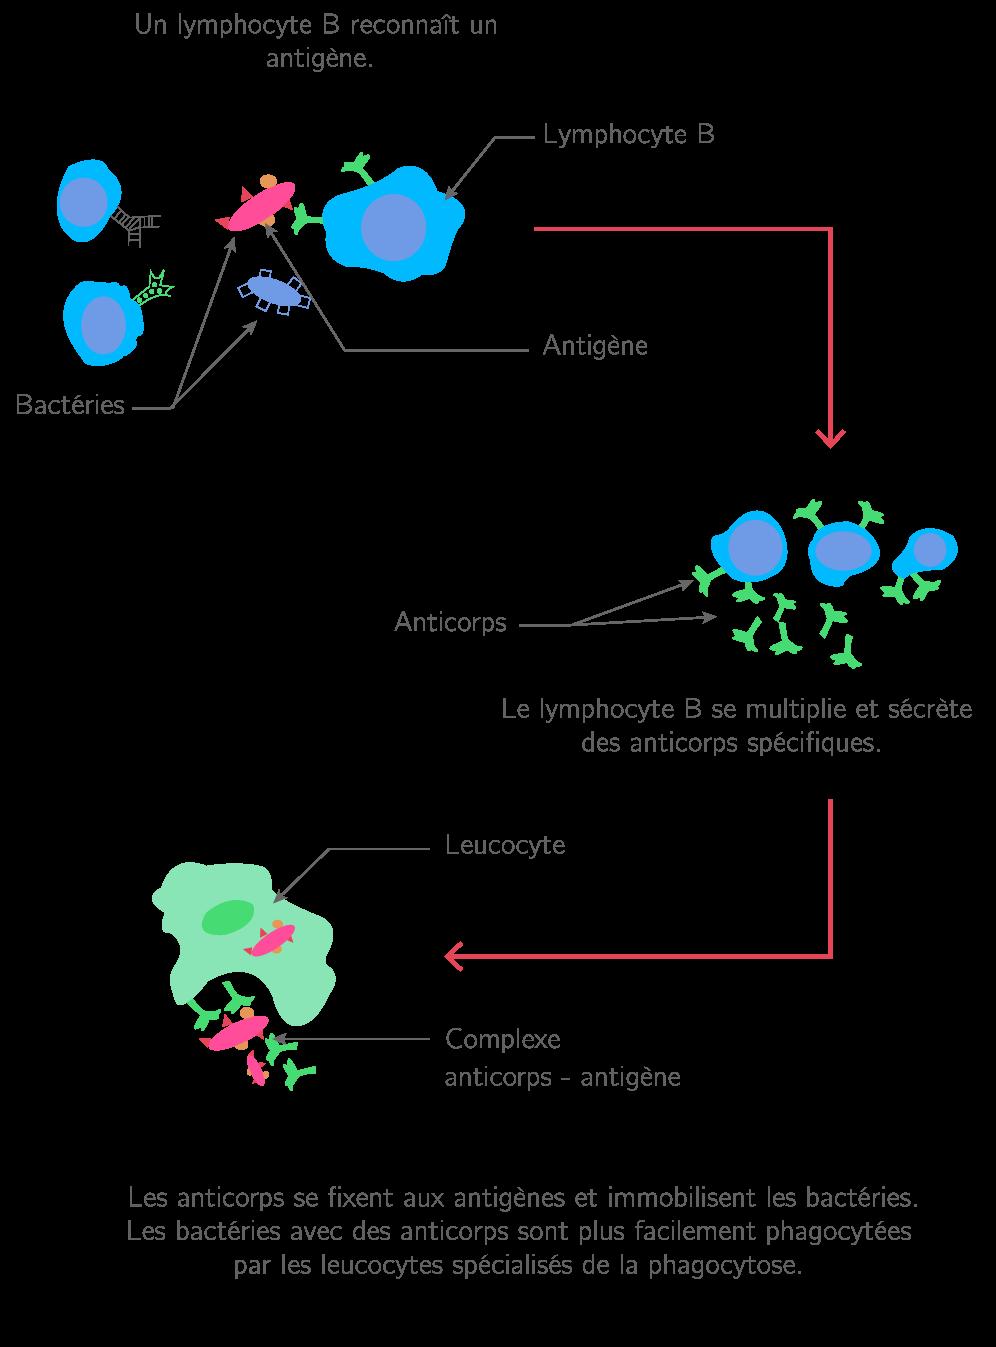 La réponse immunitaire spécifique mise en place par les lymphocytes B et les anticorps